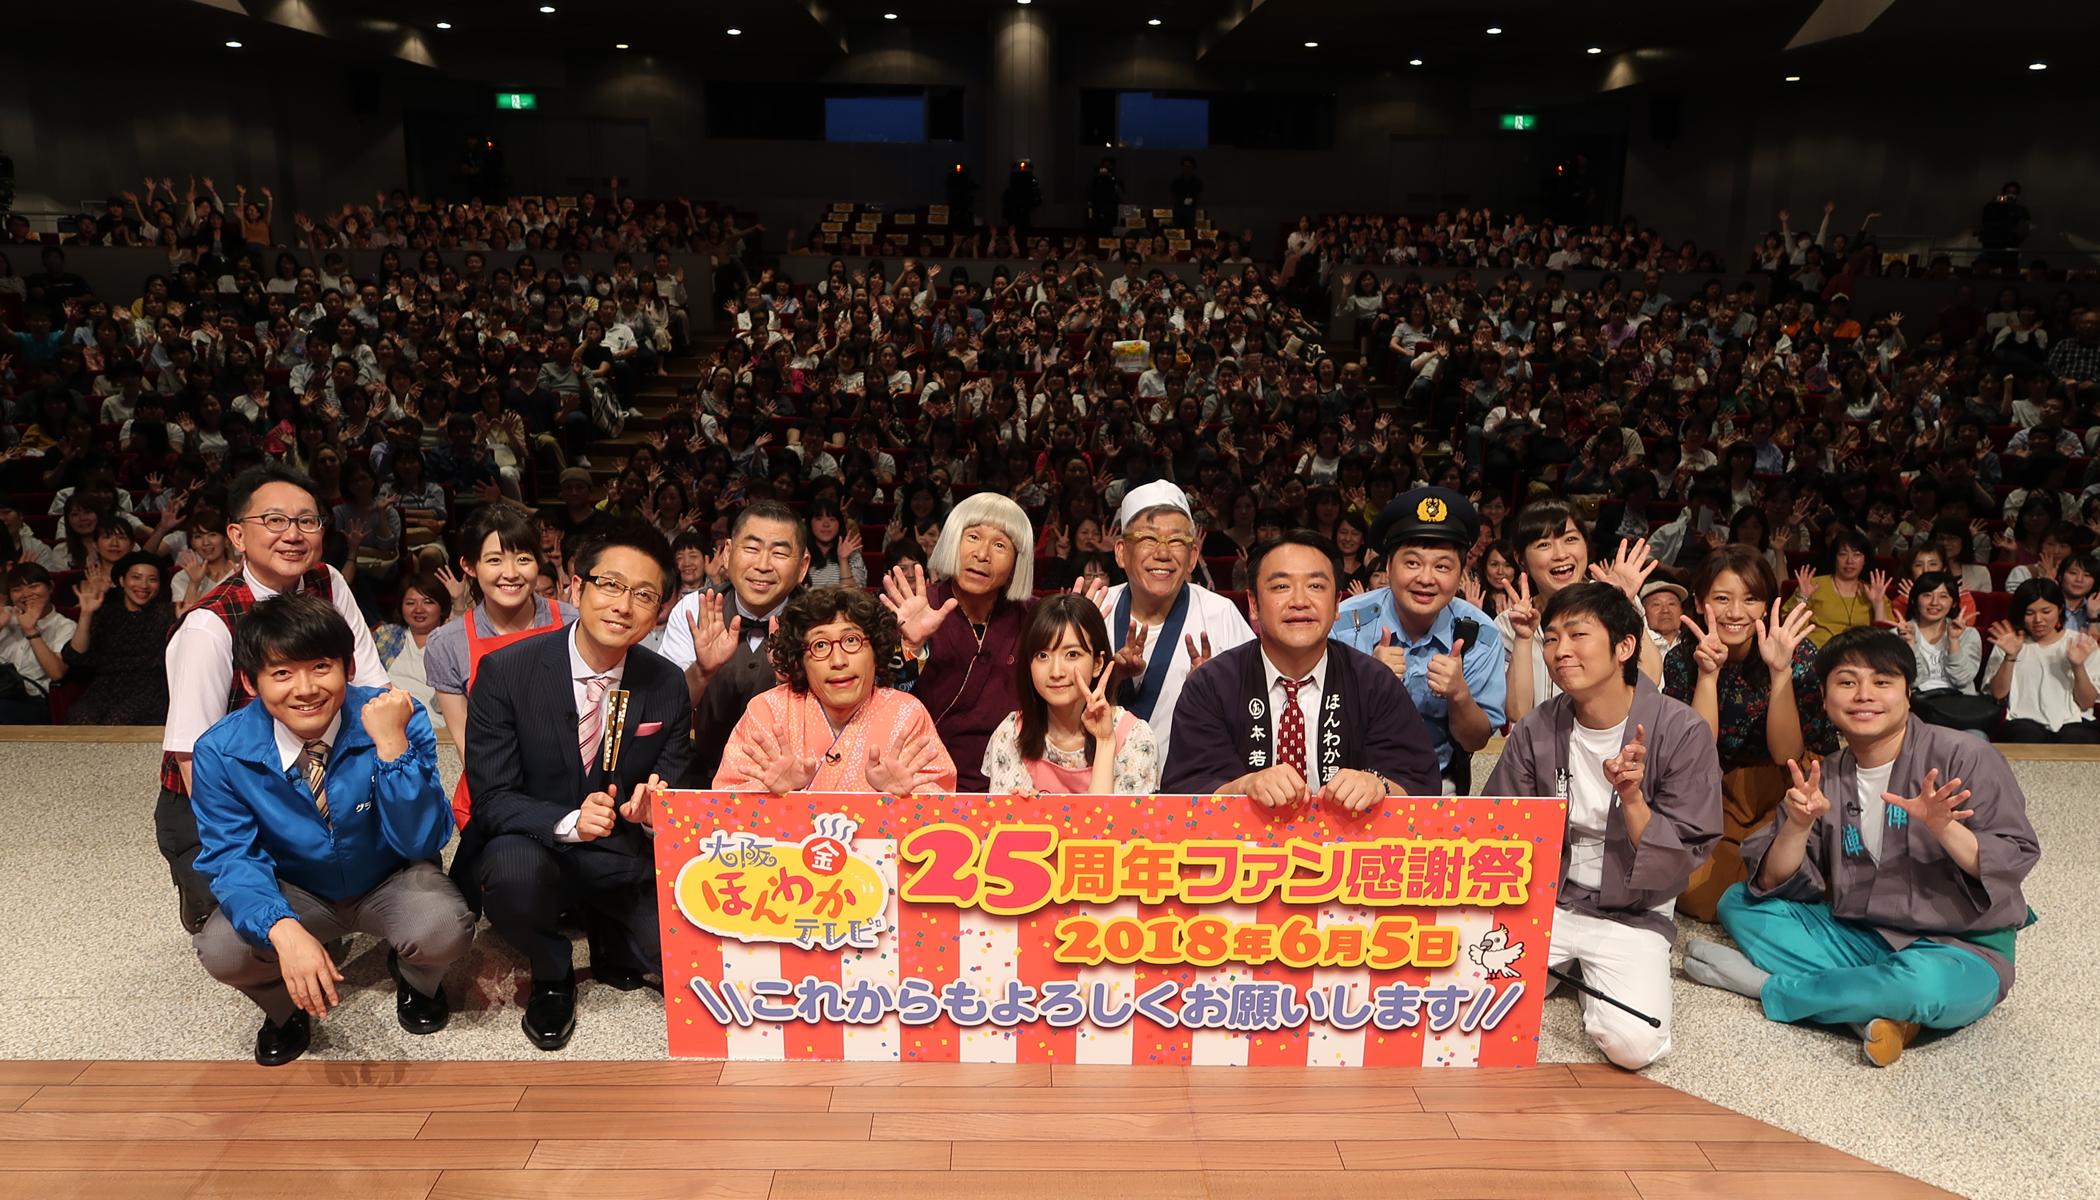 【編集部ブログ<OSAKA>】「大阪ほんわかテレビ」公開収録に参加